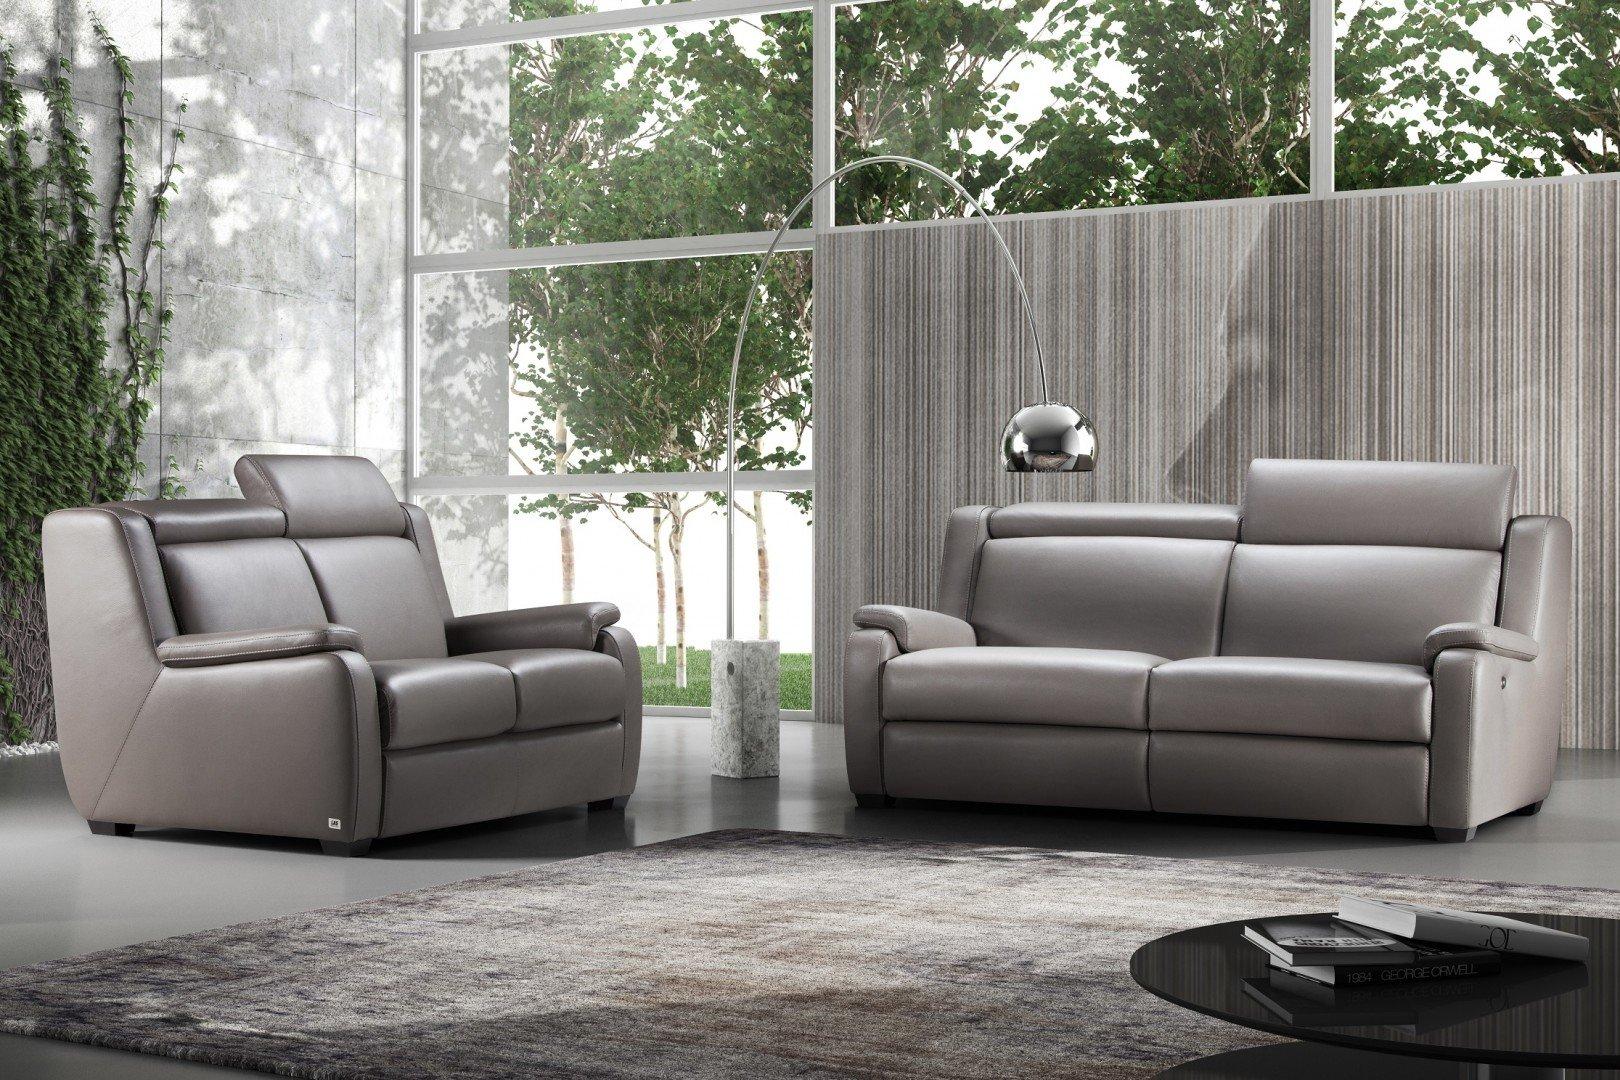 Salon in leder met elektrische relax en opklapbaar hoofdsteun